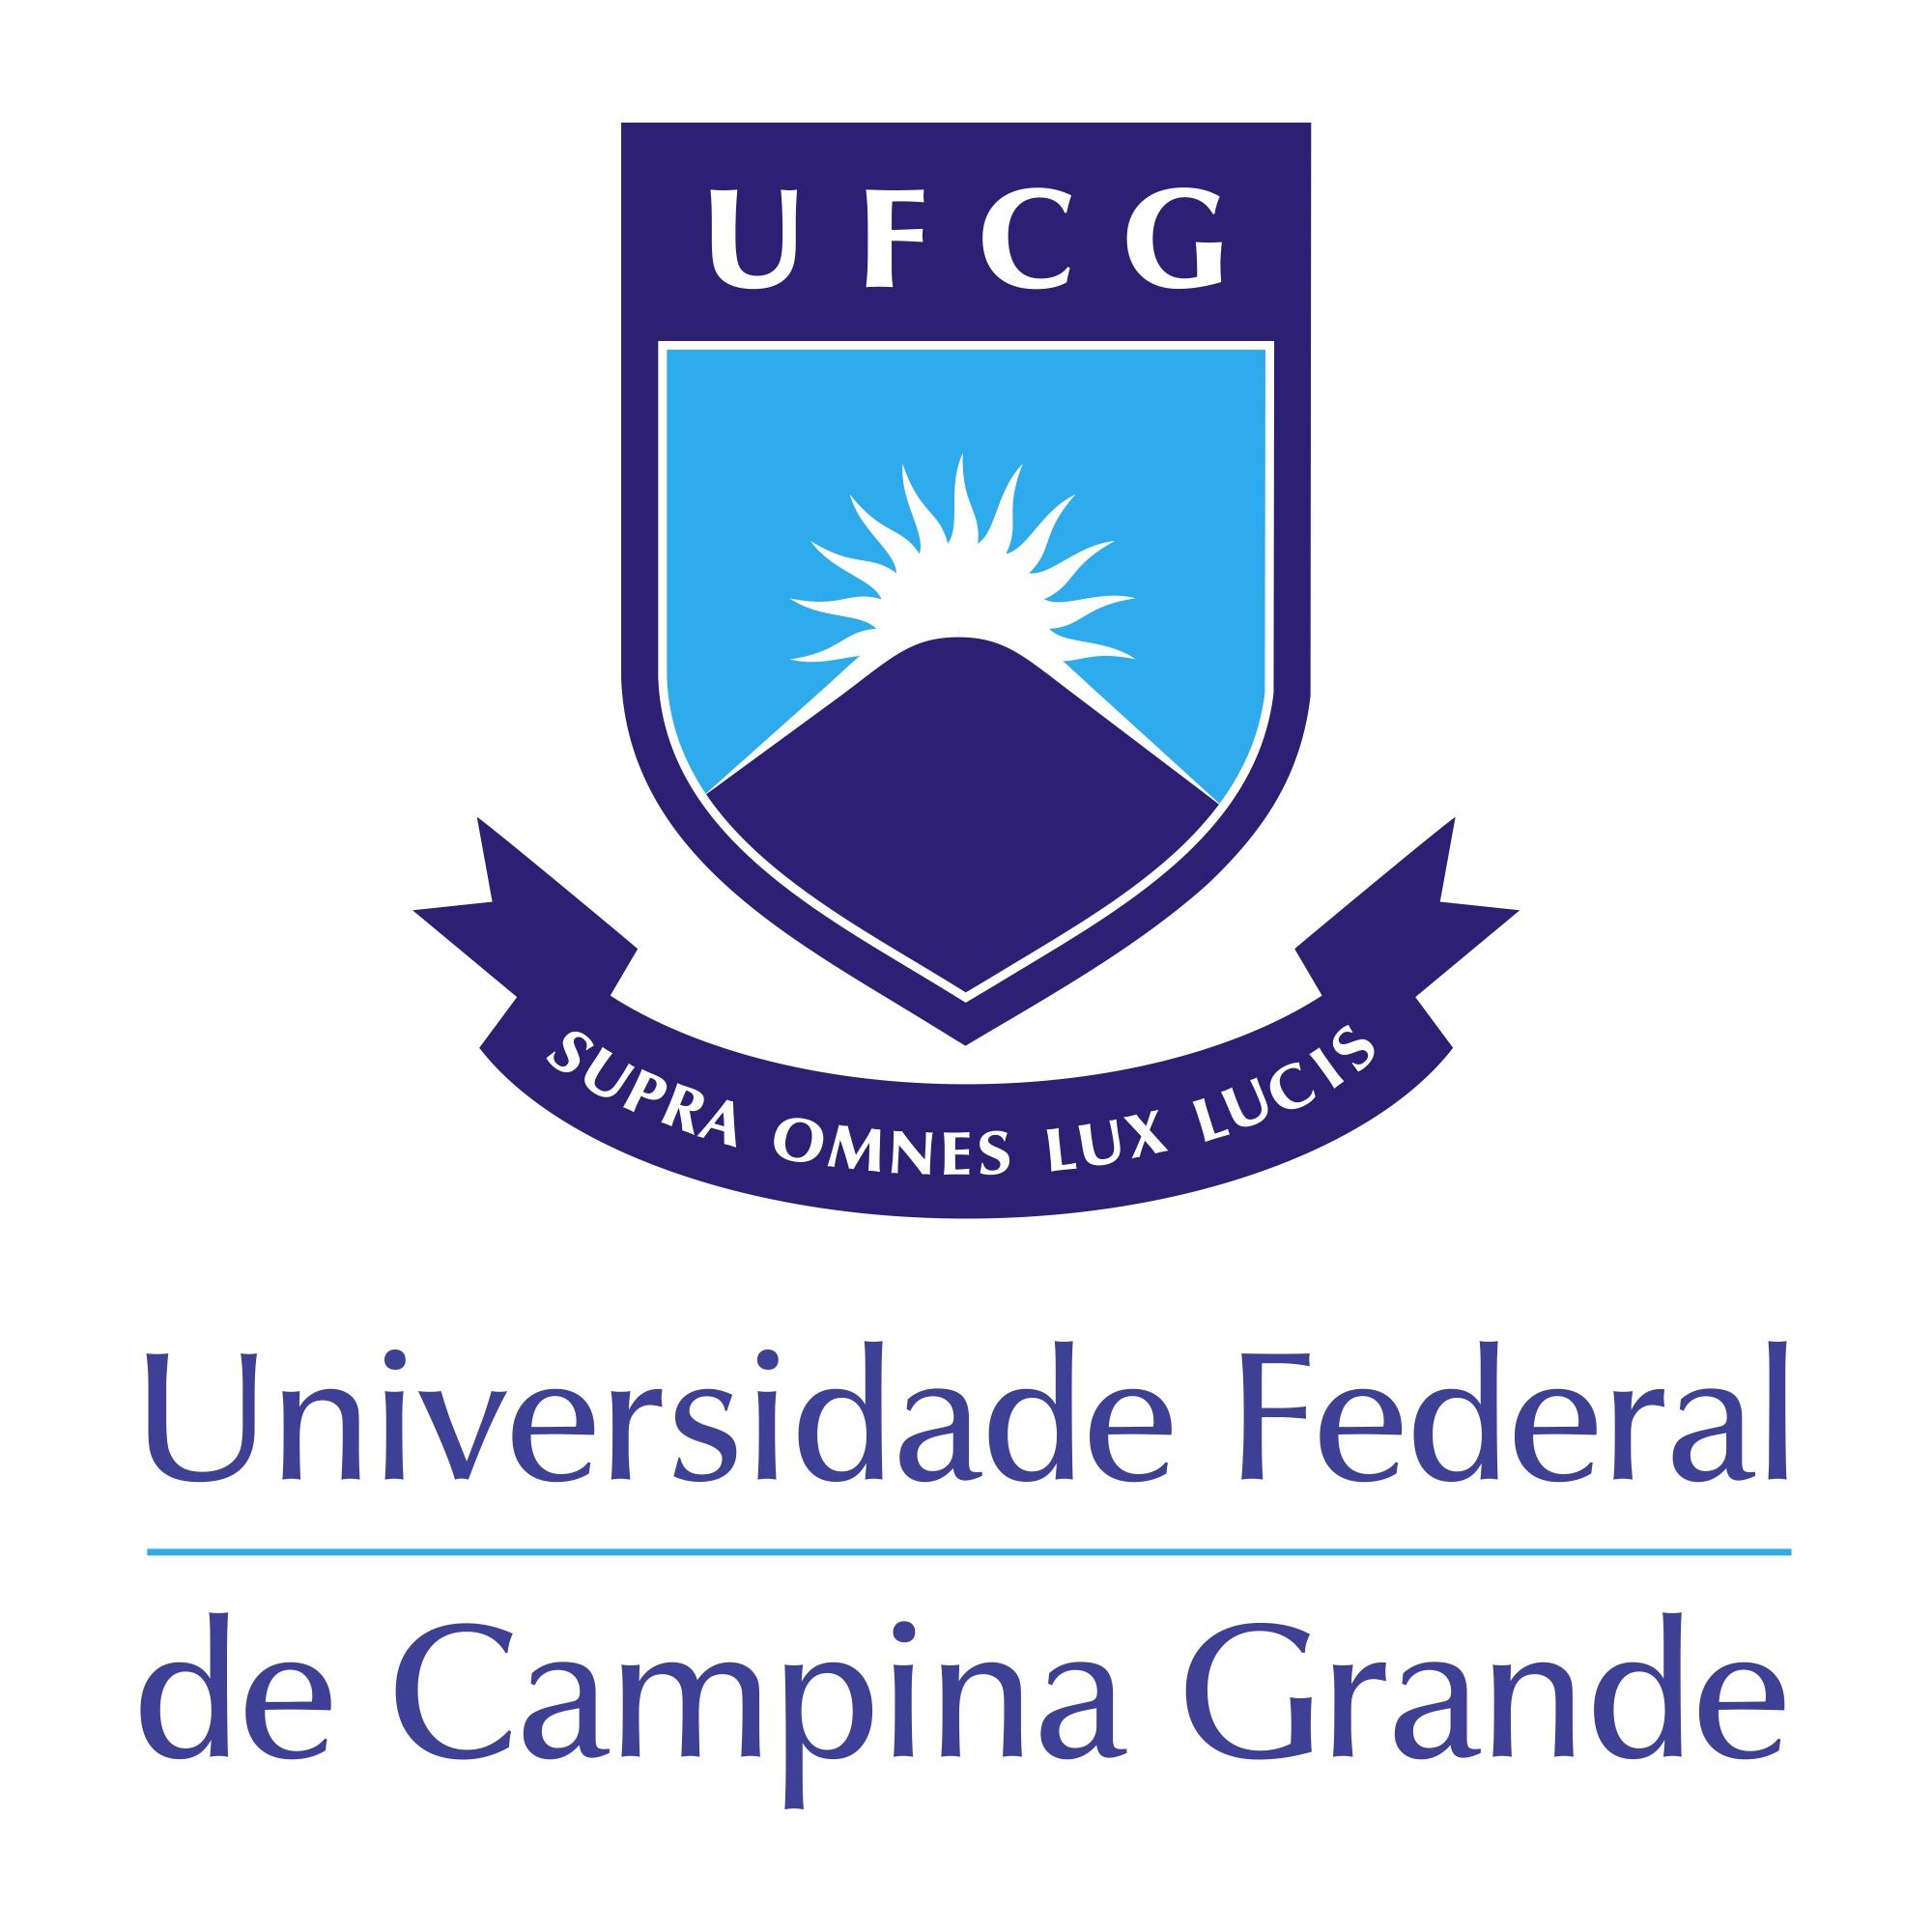 Veja tudo o que saiu no Migalhas sobre Universidade Federal de Campina Grande